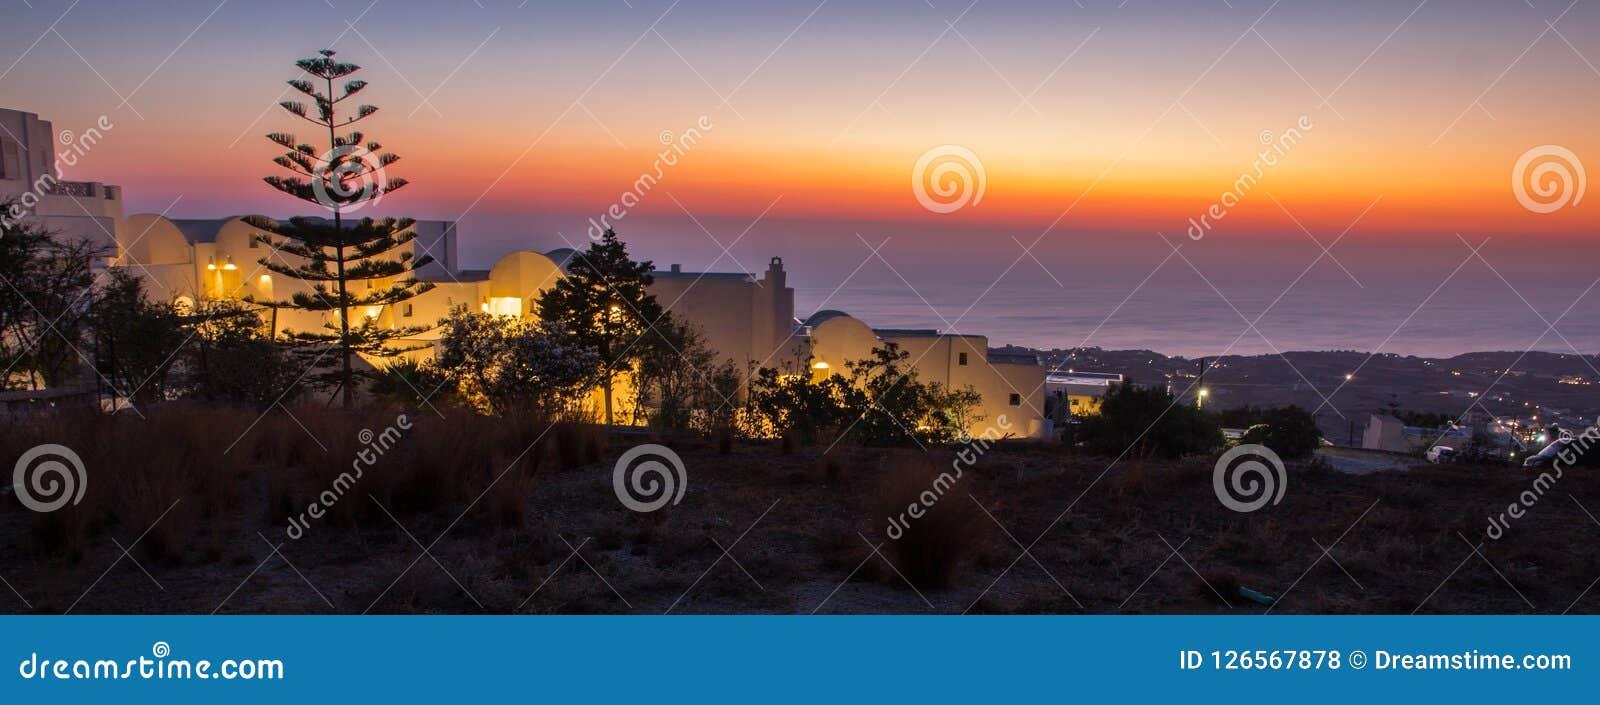 Ослеплять восход солнца на греческом острове